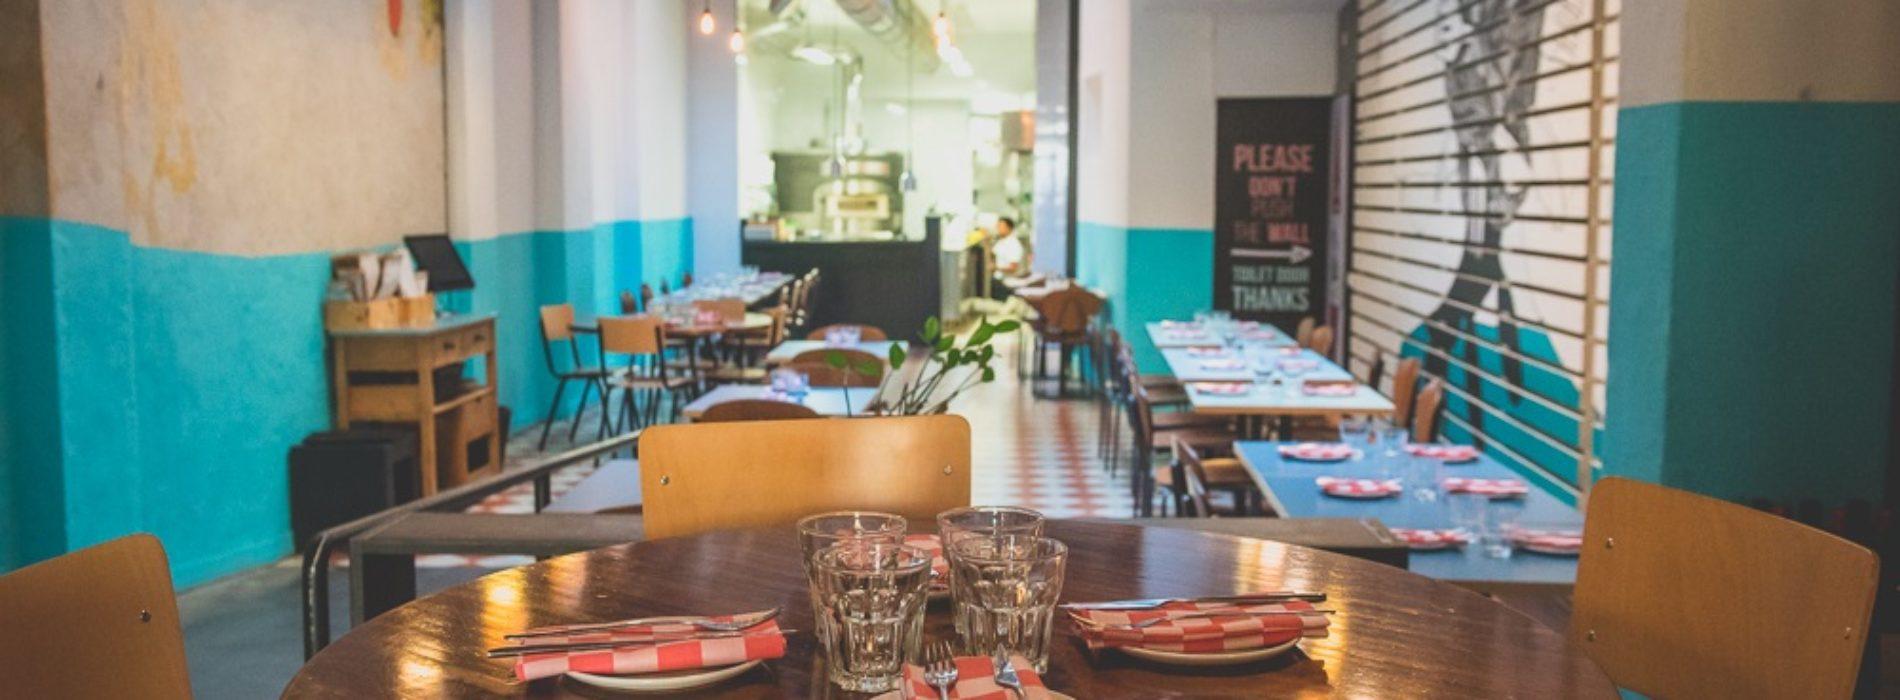 Berberè Bologna, la pizzeria di via Petroni cambia volto, forno e menu